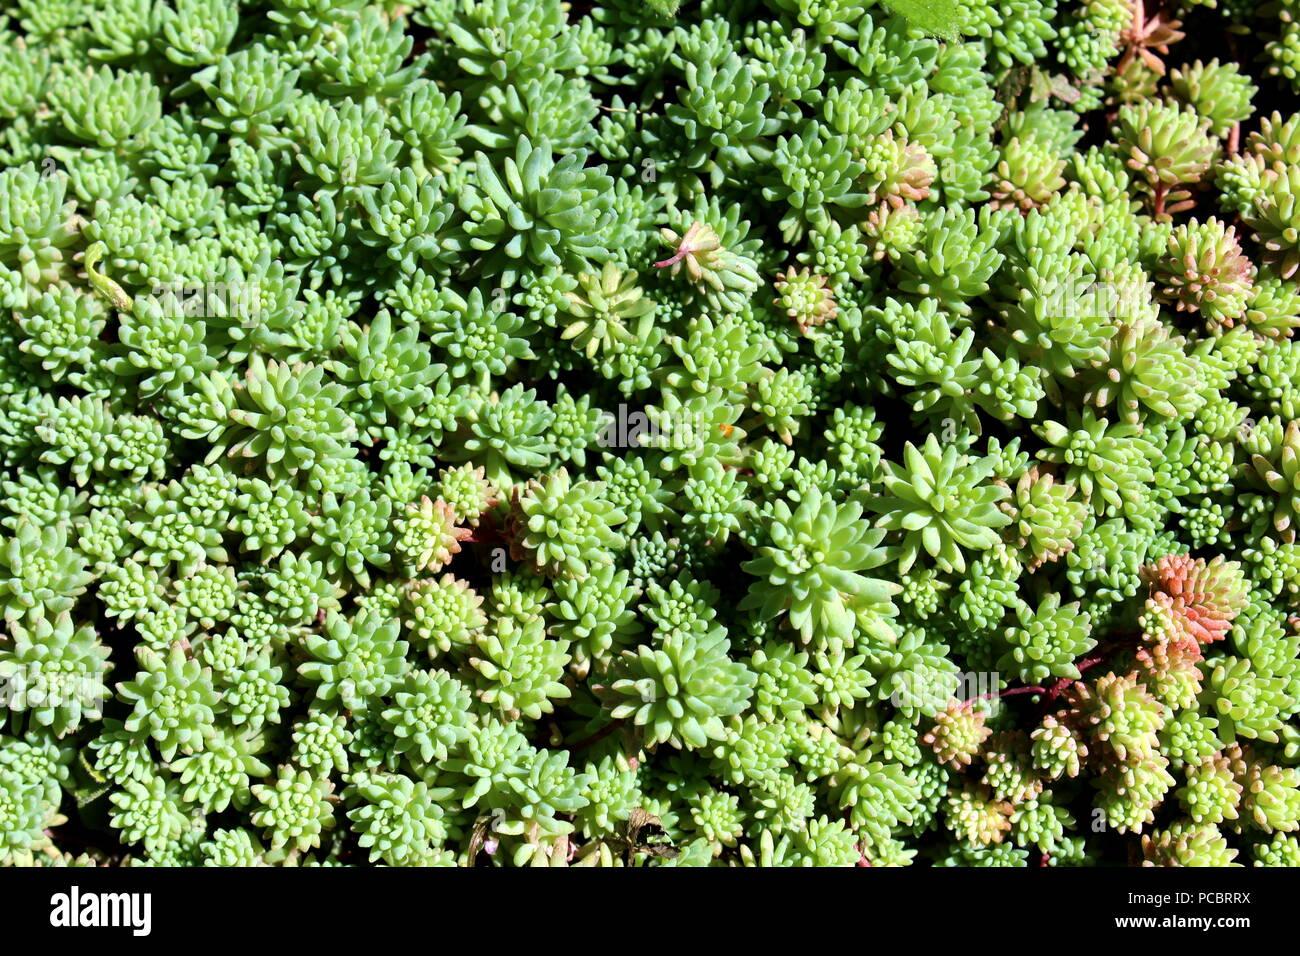 Plante Couvre Sol Soleil sedum ou orpin hardy succulentes vivaces couvre-sol épais